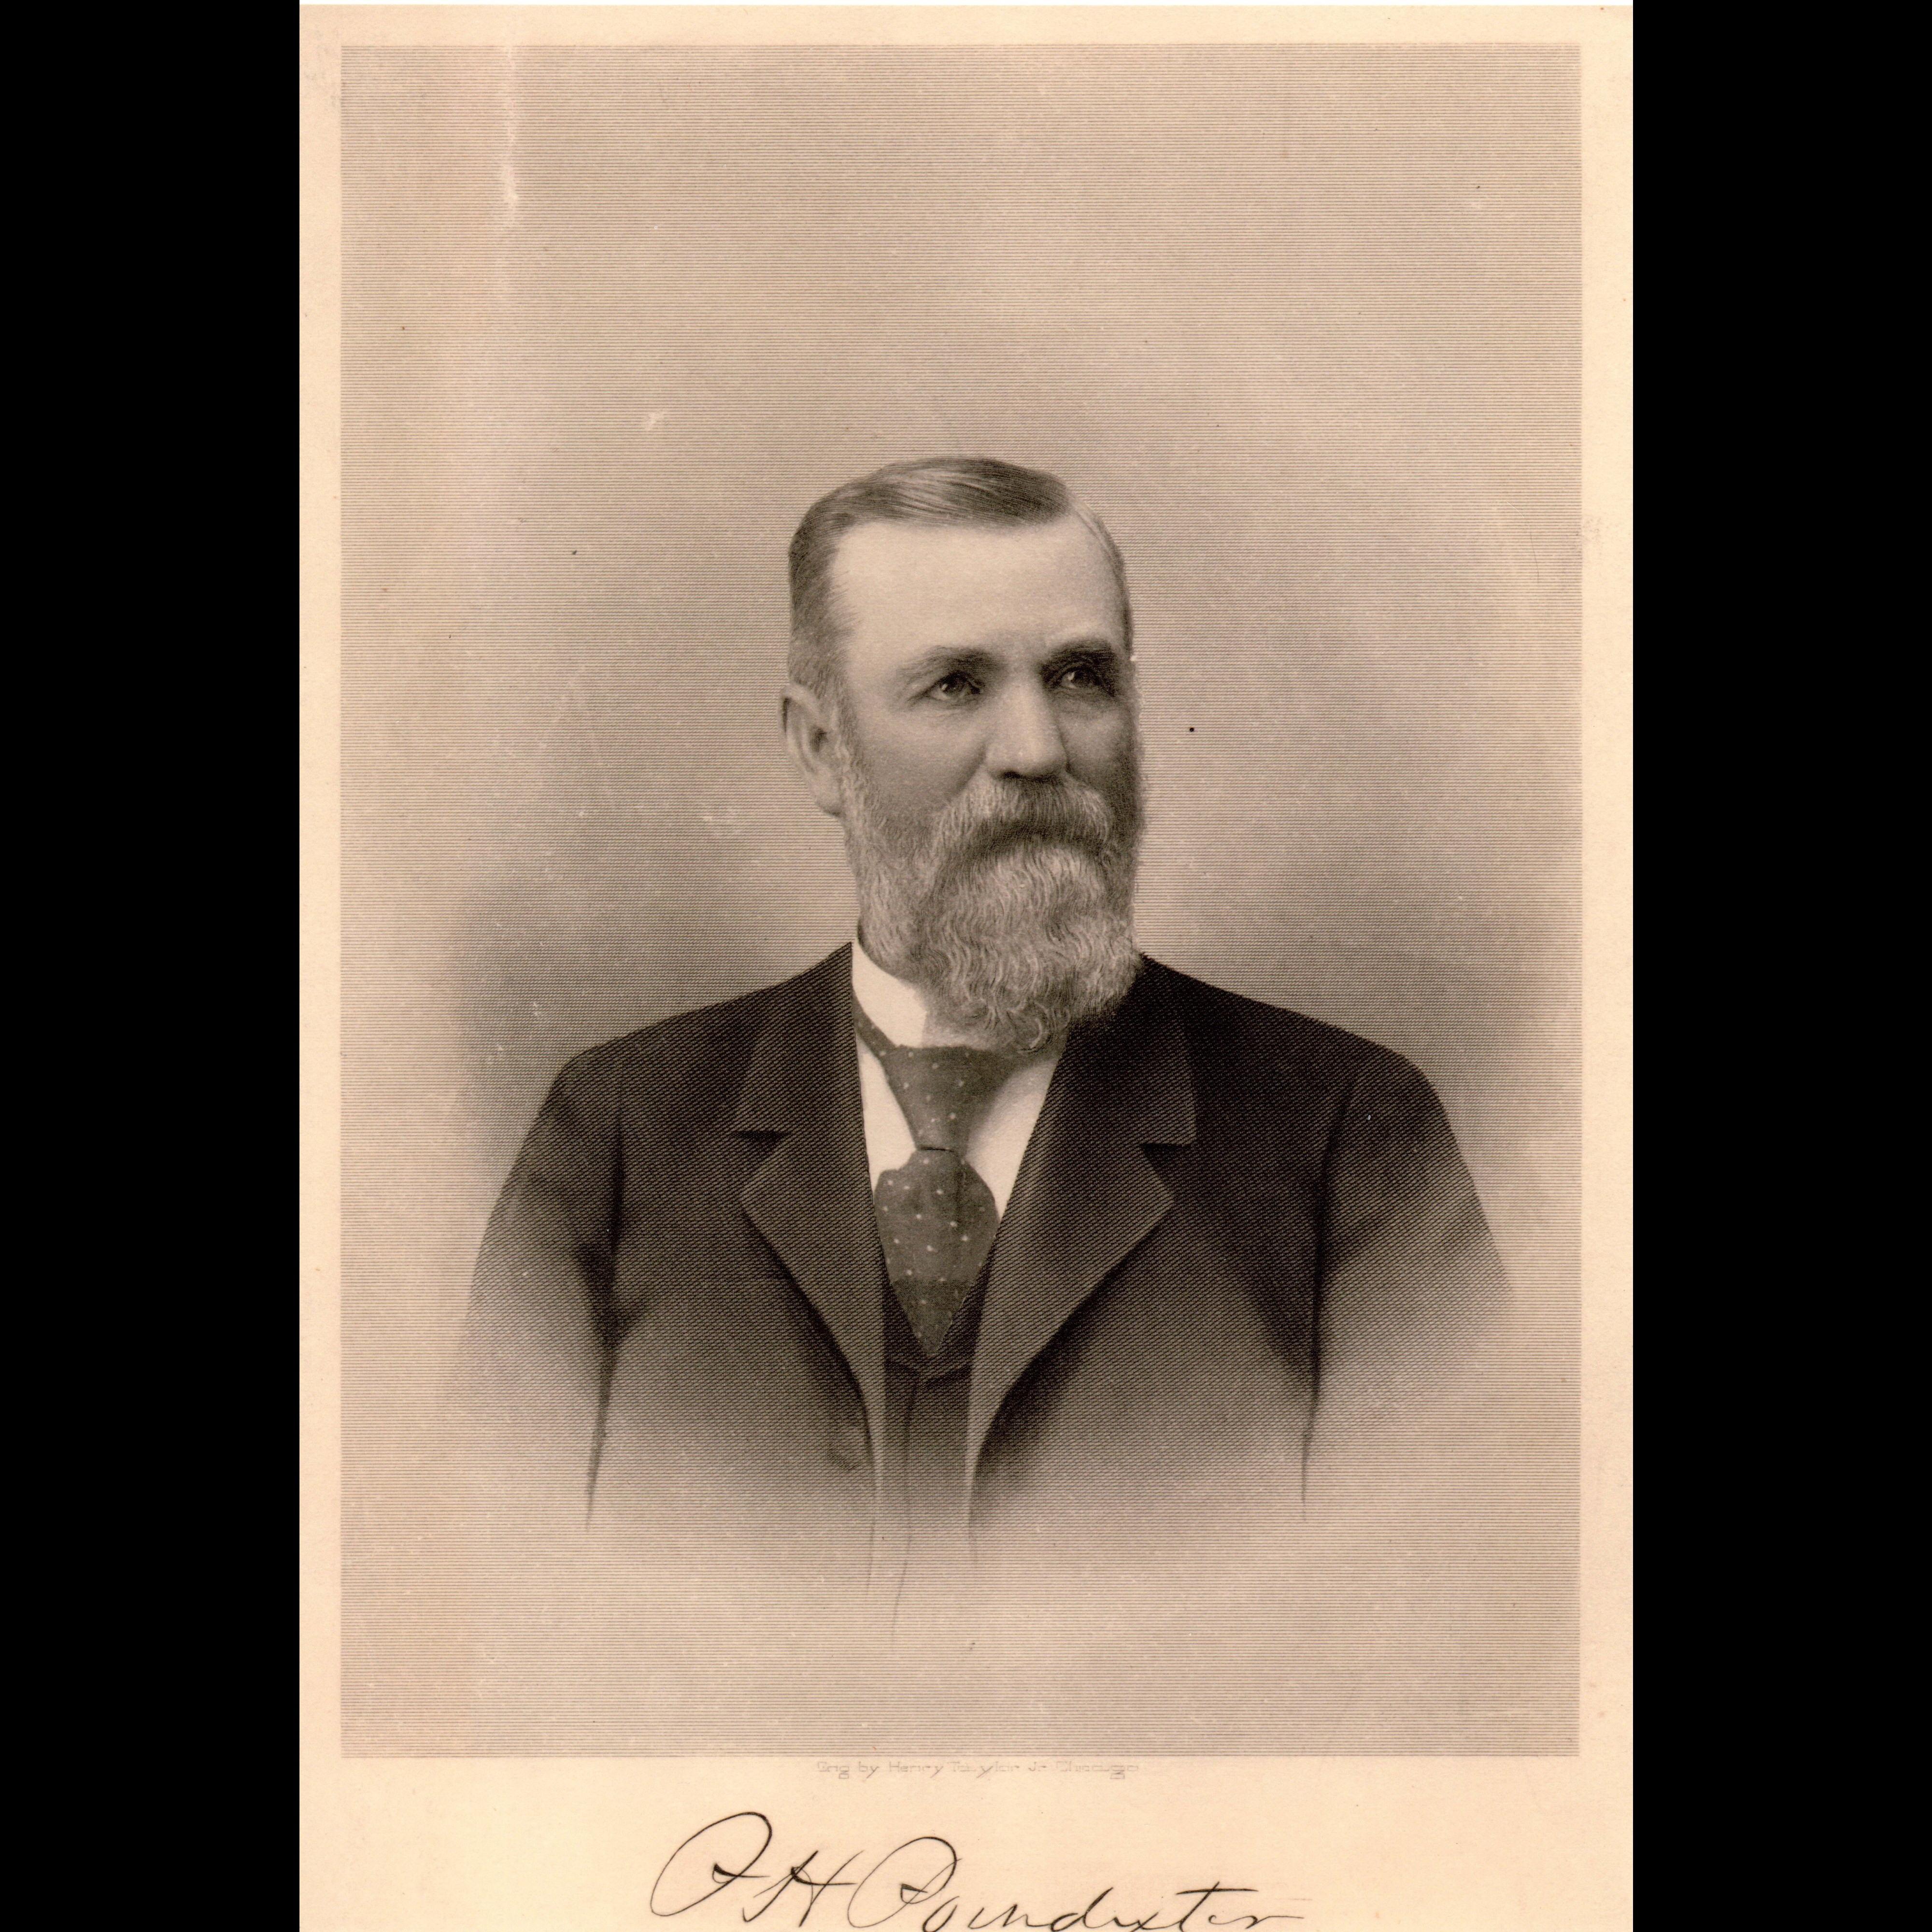 Philip H Poindexter